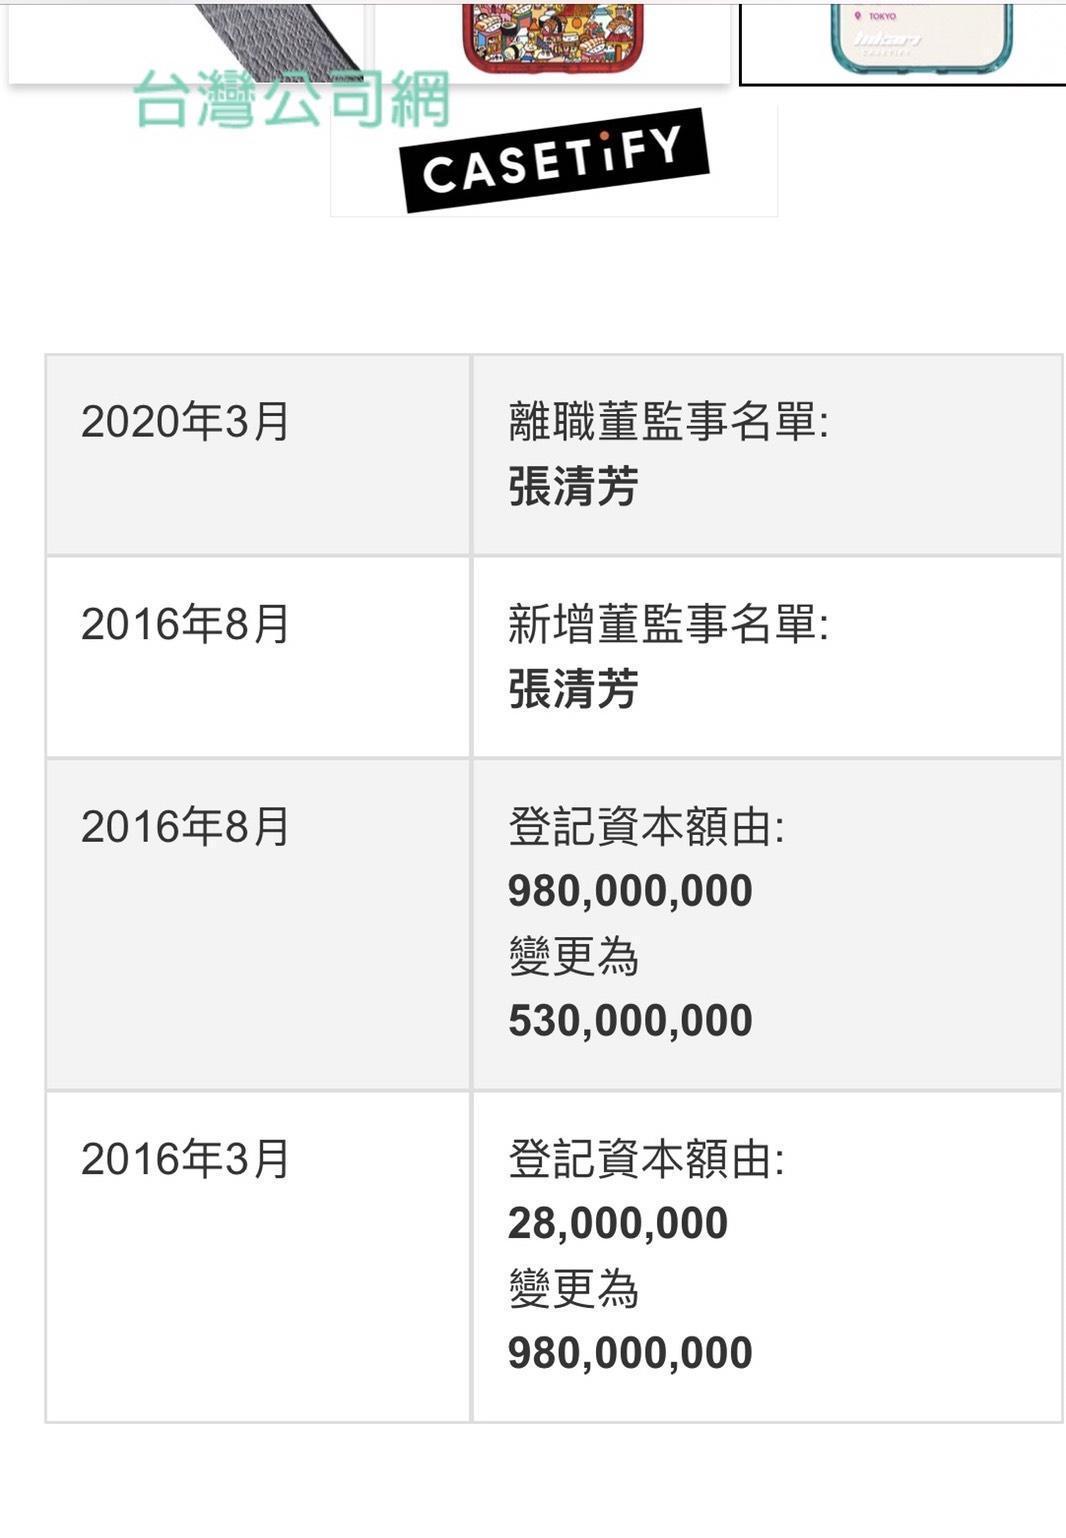 以宋學仁為首的嵩全公司,張清芳一度是董監事,如今已離職。(翻攝自網路)